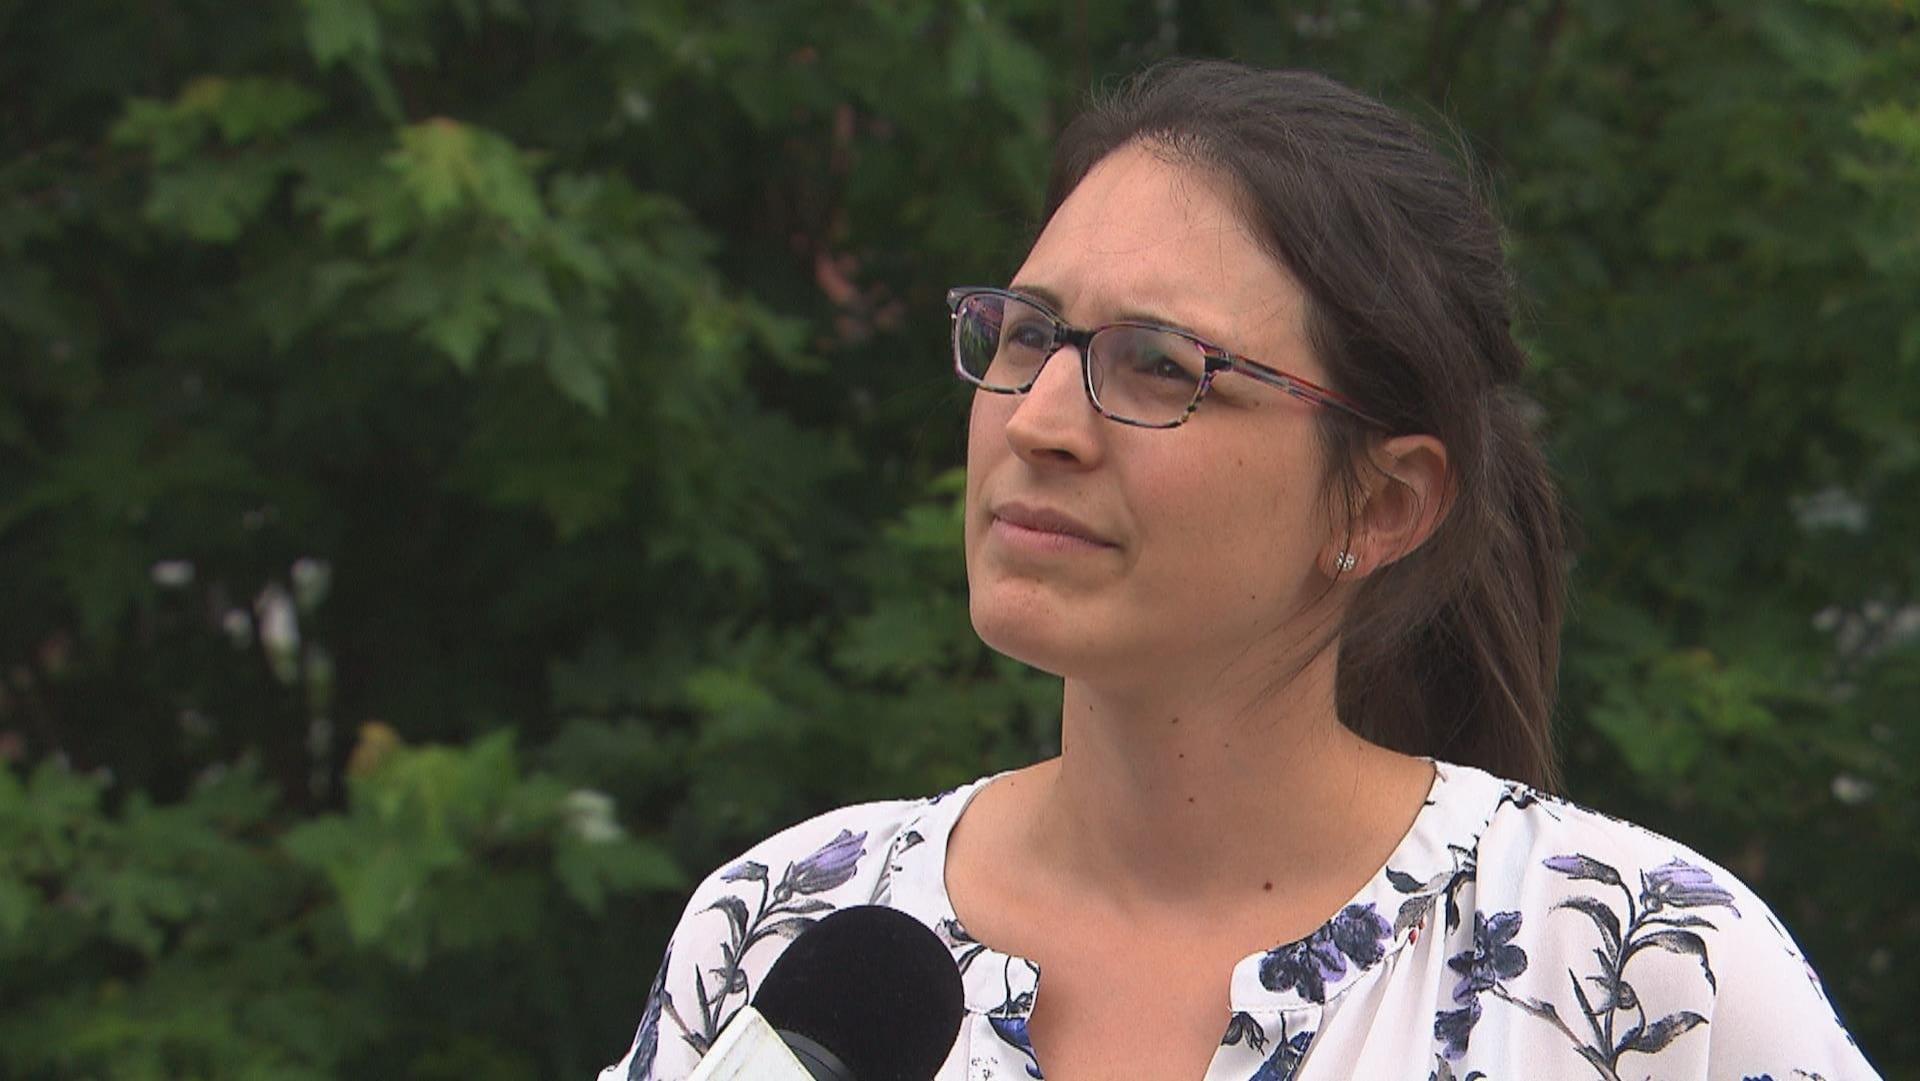 La directrice de la Fondation Trois-Rivières Durable, Cindy Provencher en entrevue.